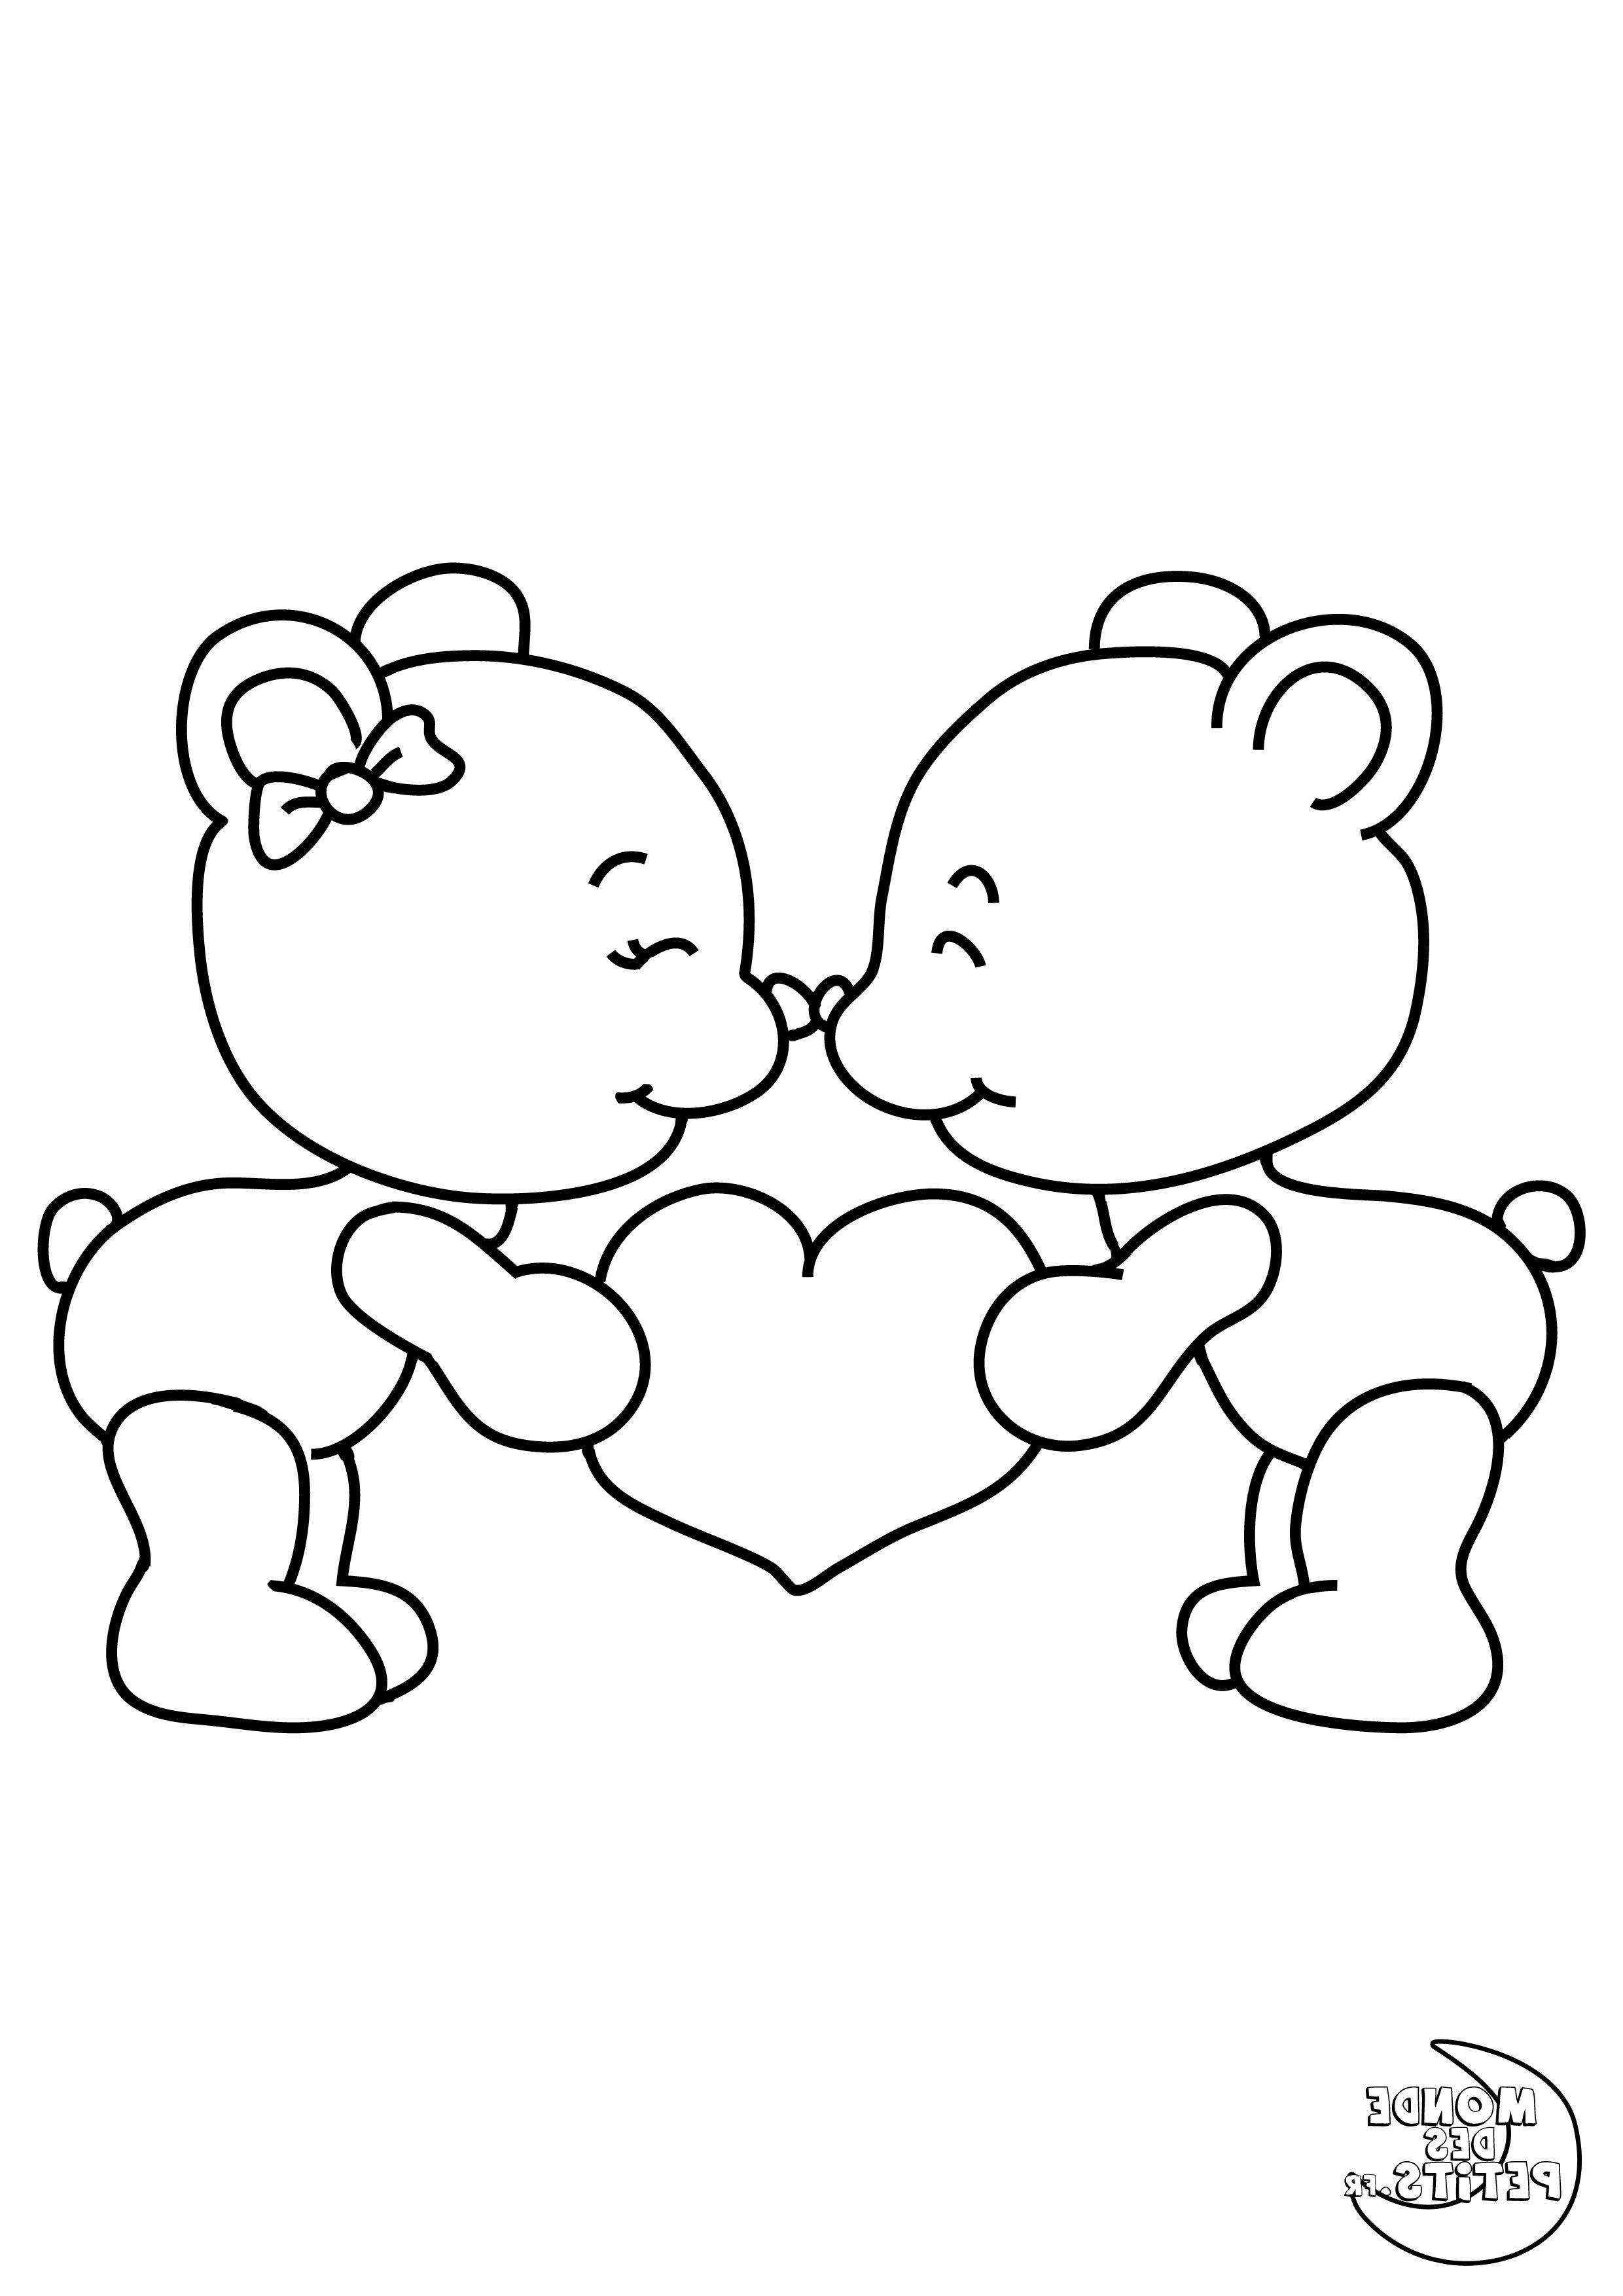 8 Meilleur De Coloriage Saint Valentin Gallery Coloriage St Valentin Dessin Saint Valentin Coloriage Coeur